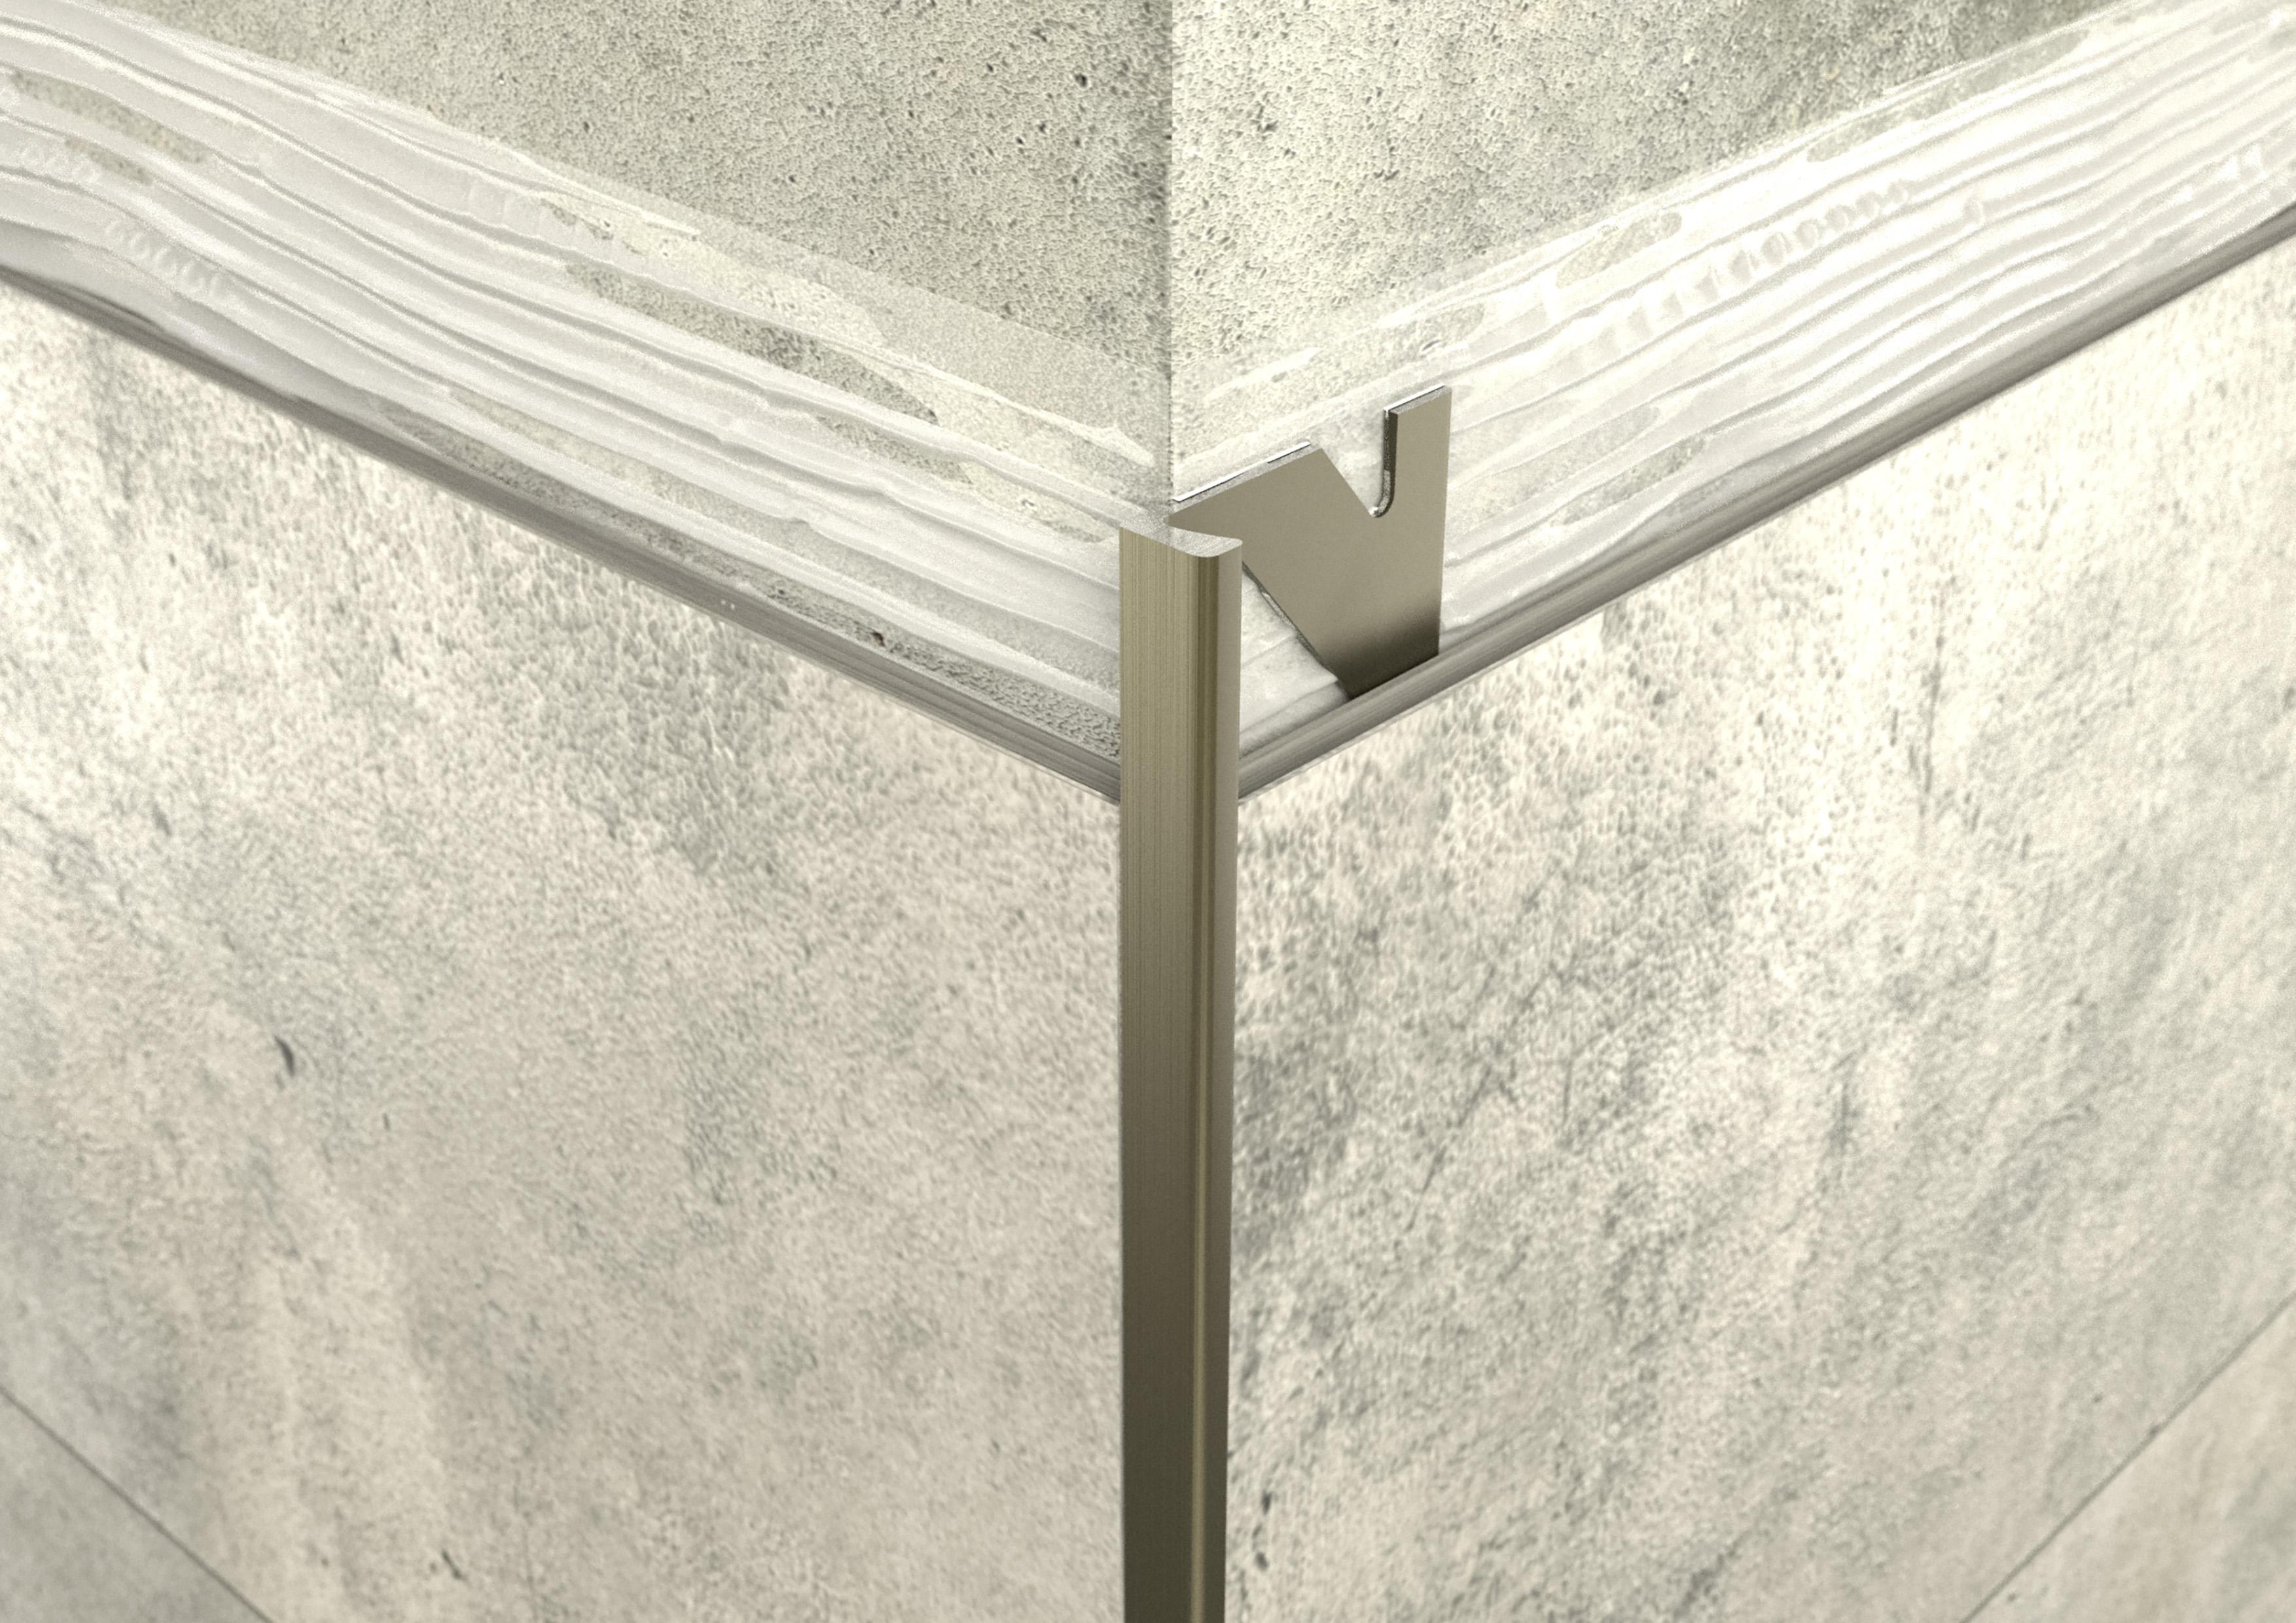 ALU L 4,5mm profil elox bronz 2,5M ProfiWall